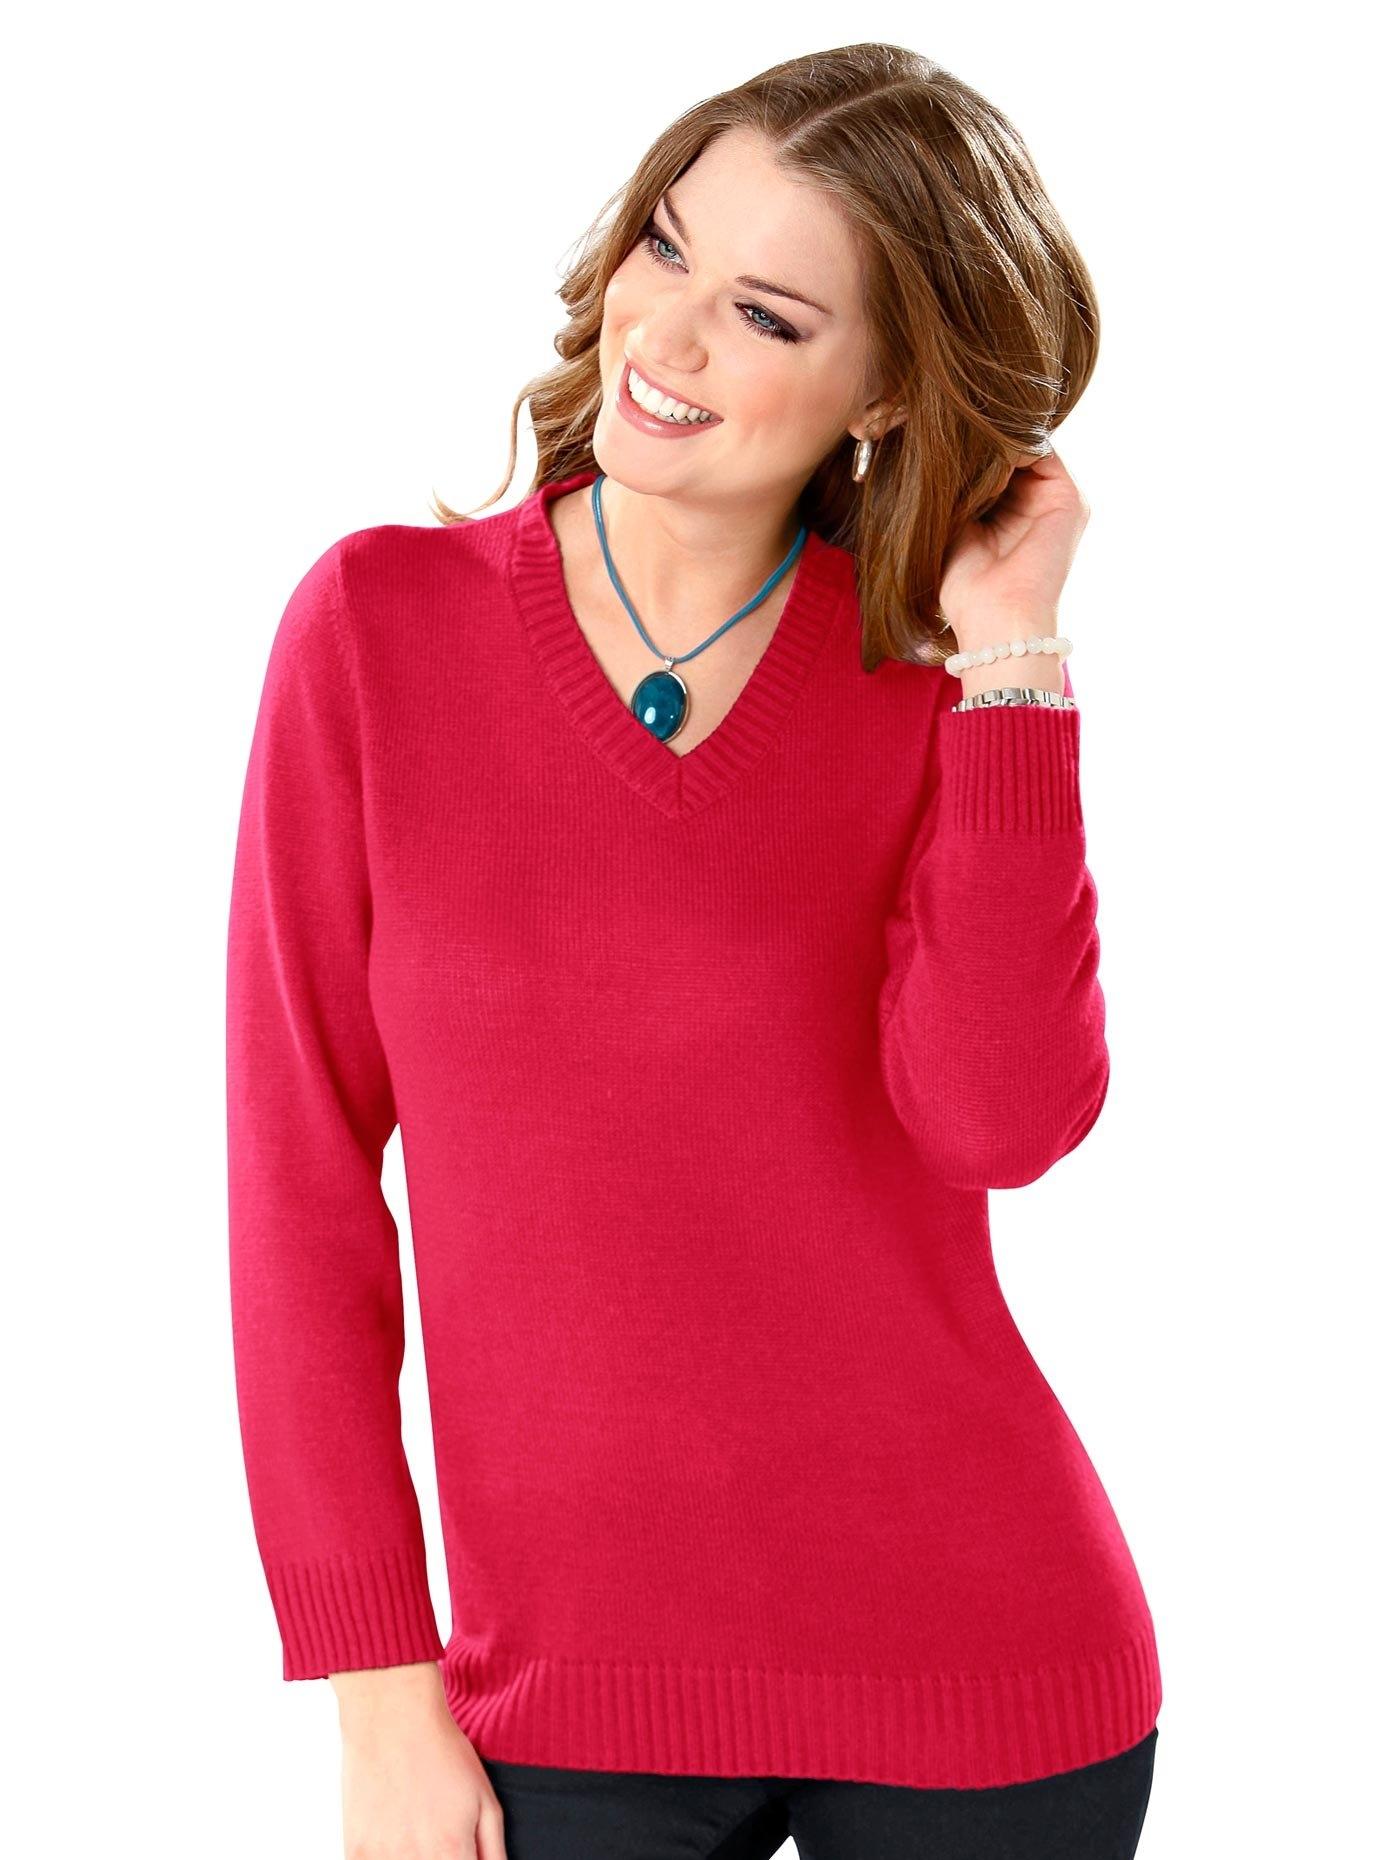 Classic Basics trui met V-hals voordelig en veilig online kopen